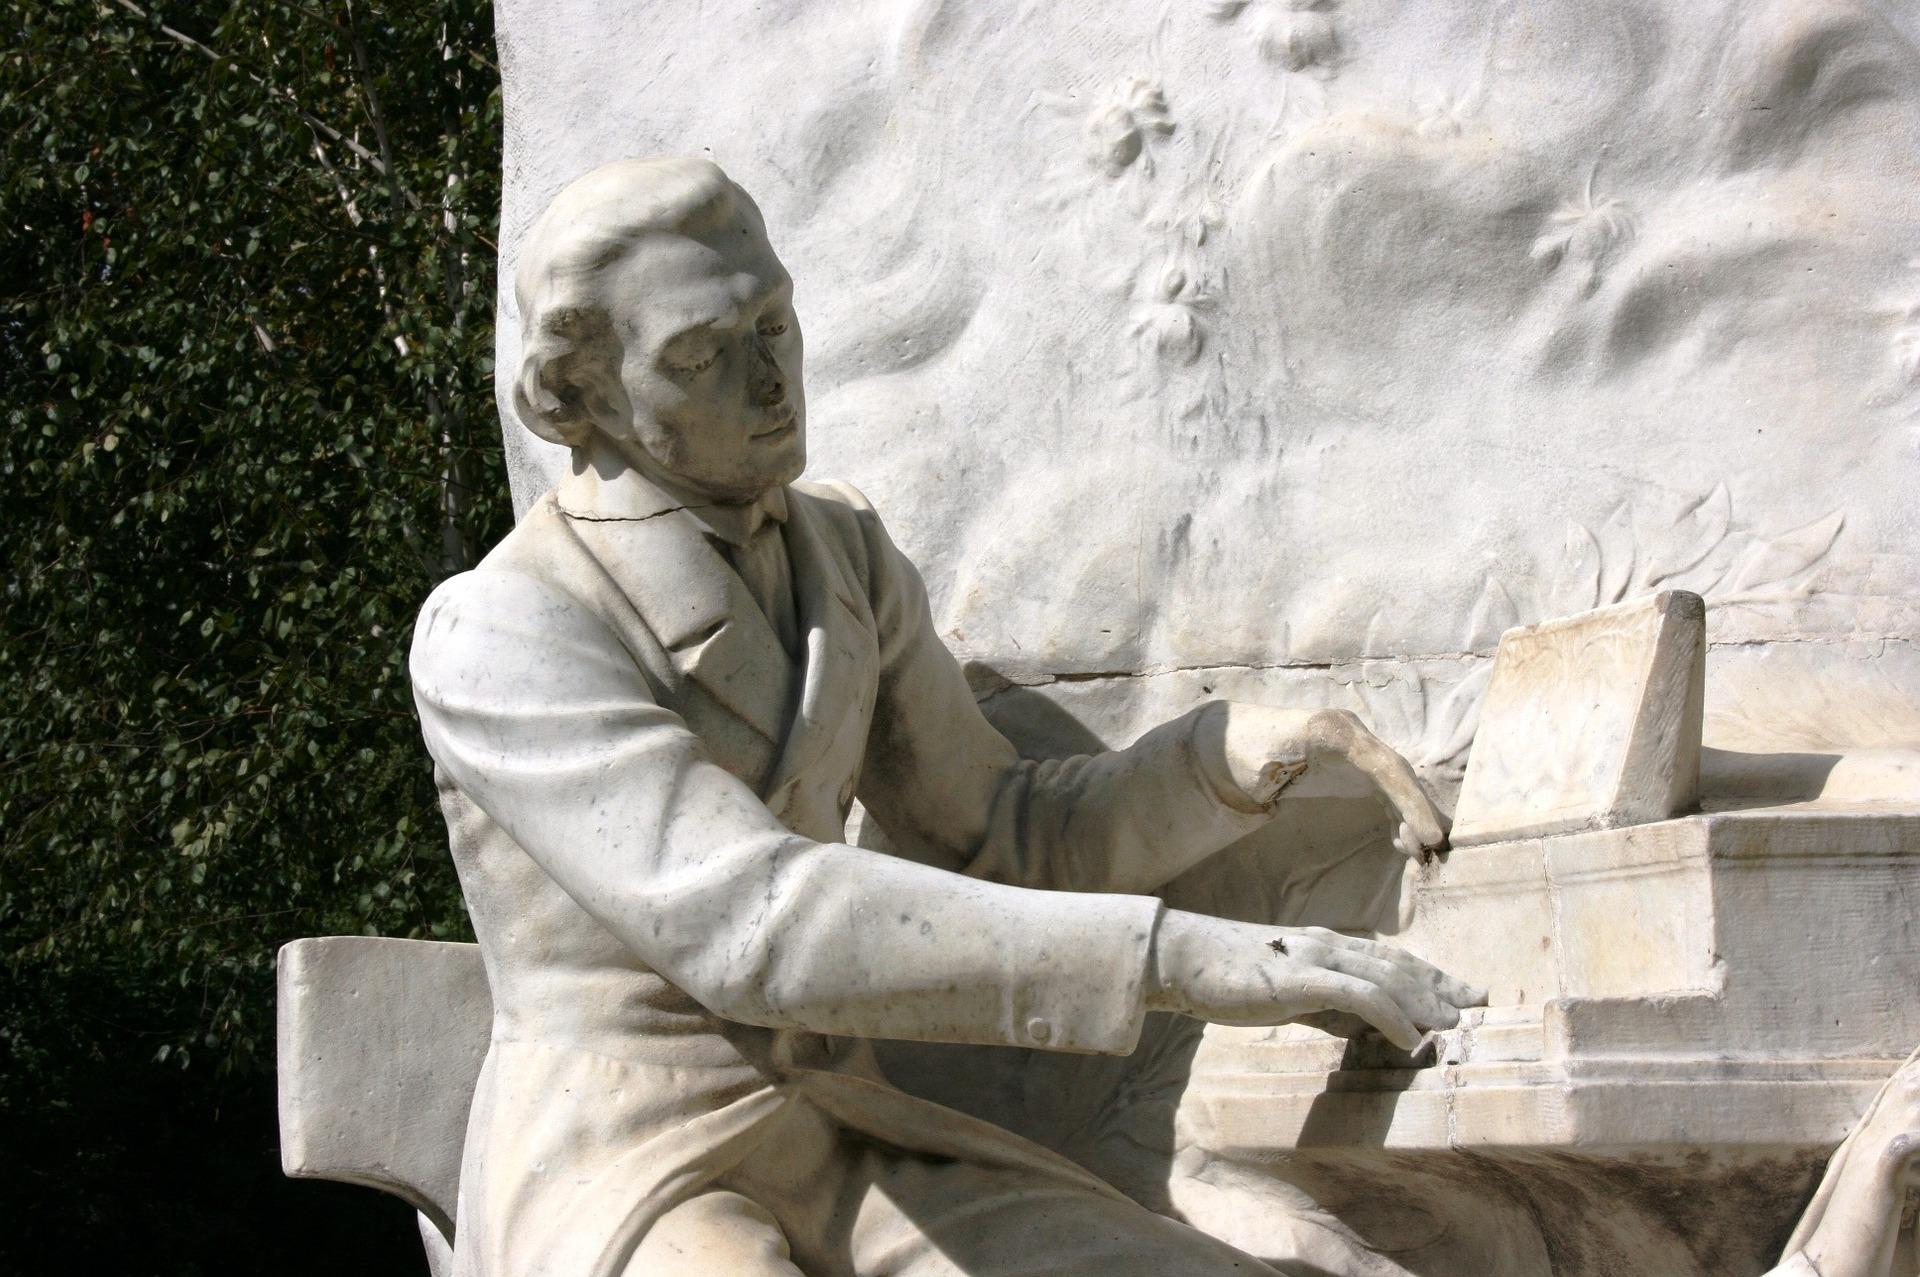 A statue of Chopin in Parc Monceau, Paris.